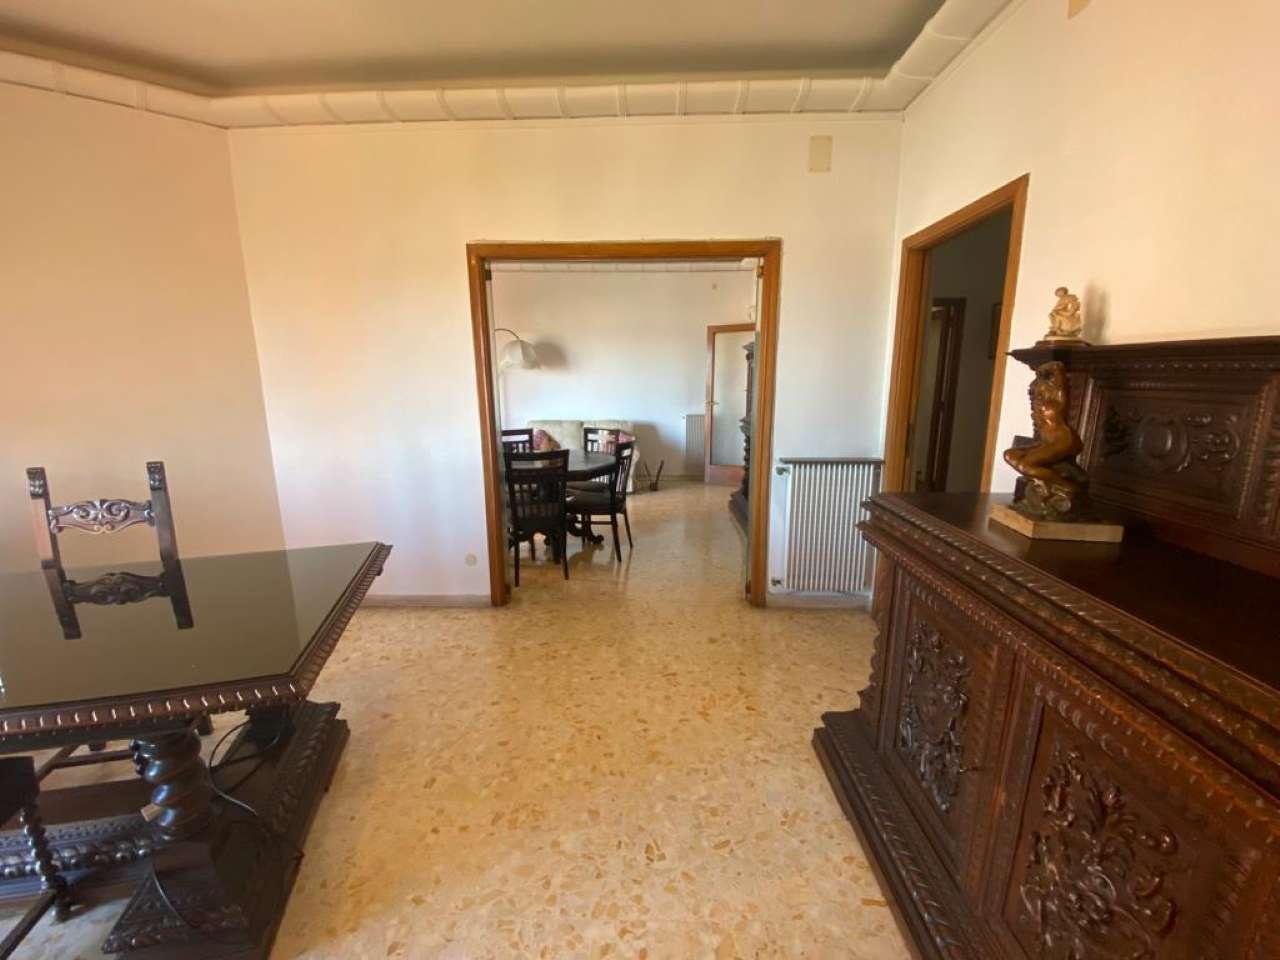 Appartamento, Via Francesco Cilea, Zona Vomero, Napoli, foto 5